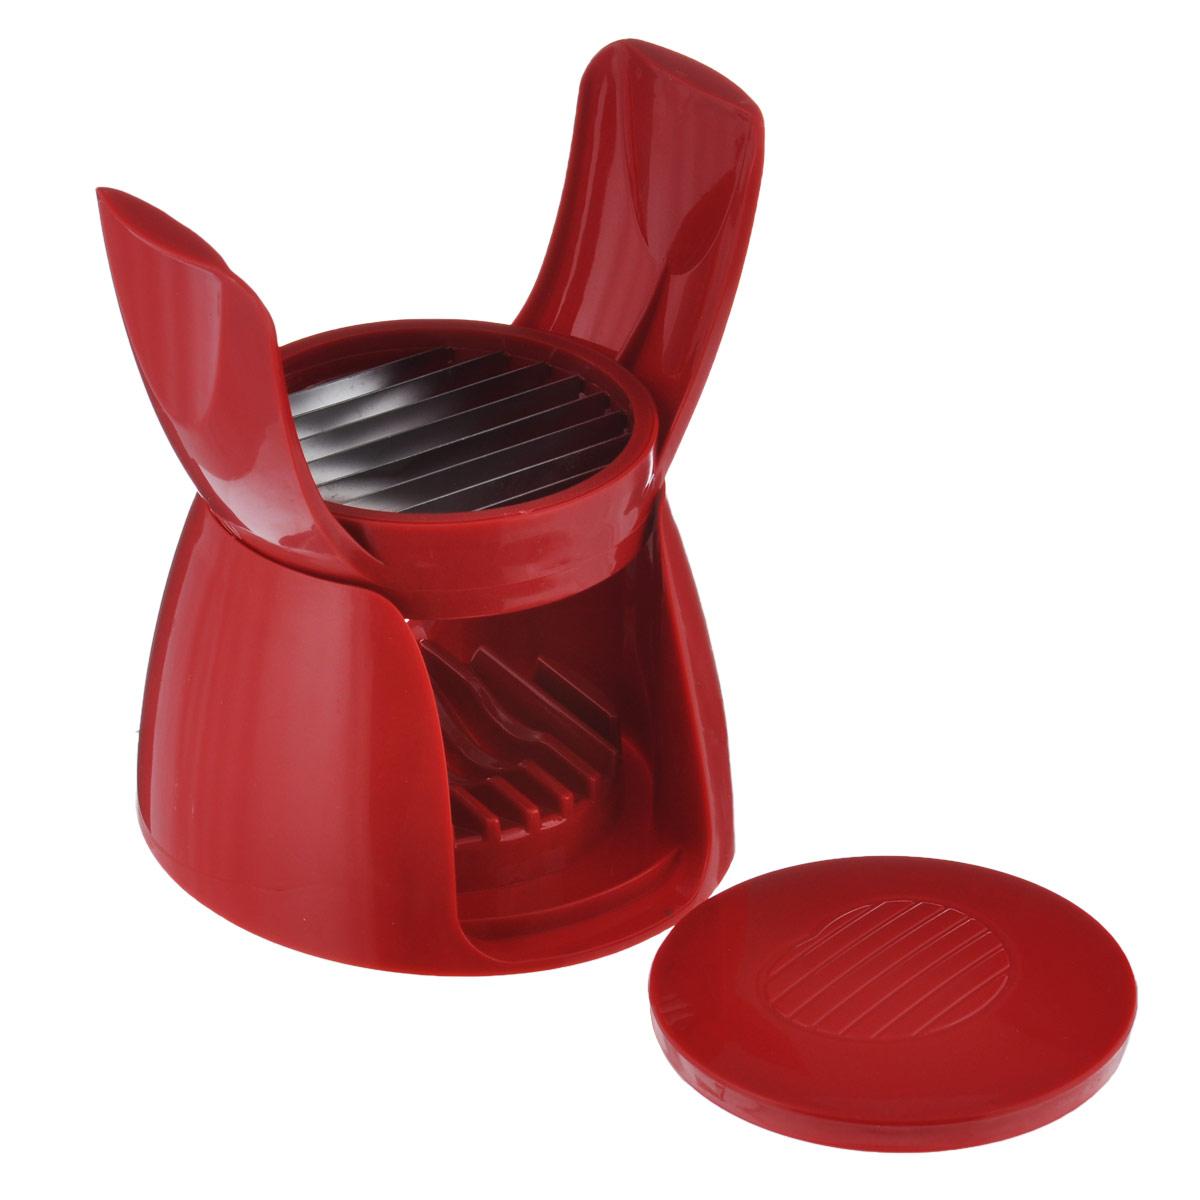 Овощерезка для томатов Bradex Сеньор Помидор, цвет: красныйTD 0071Овощерезка для томатов Bradex Сеньор Помидор выполнена из прочного пищевого пластика с лезвиями из нержавеющей стали. Если вам нужно порезать идеально ровными кольцами помидоры для салата, сэндвичей или закусок, то овощерезка для томатов поможет вам сделать это быстро и не пачкая пальцы. Также ее можно использовать для мягких сортов сыра, вареных овощей, фруктов. Кольца нарезанных продуктов будут идеально одинаковой толщины. С этой овощерезкой вы гораздо быстрее справитесь с приготовлением вкусных и любимых блюд не только в праздники, но и в будни. Все вышеперечисленные продукты вы сможете порезать идеальными ровными кольцами всего лишь одним нажатием. Размер овощерезки в сложенном виде: 12,5 см х 12,5 см х 9 см.